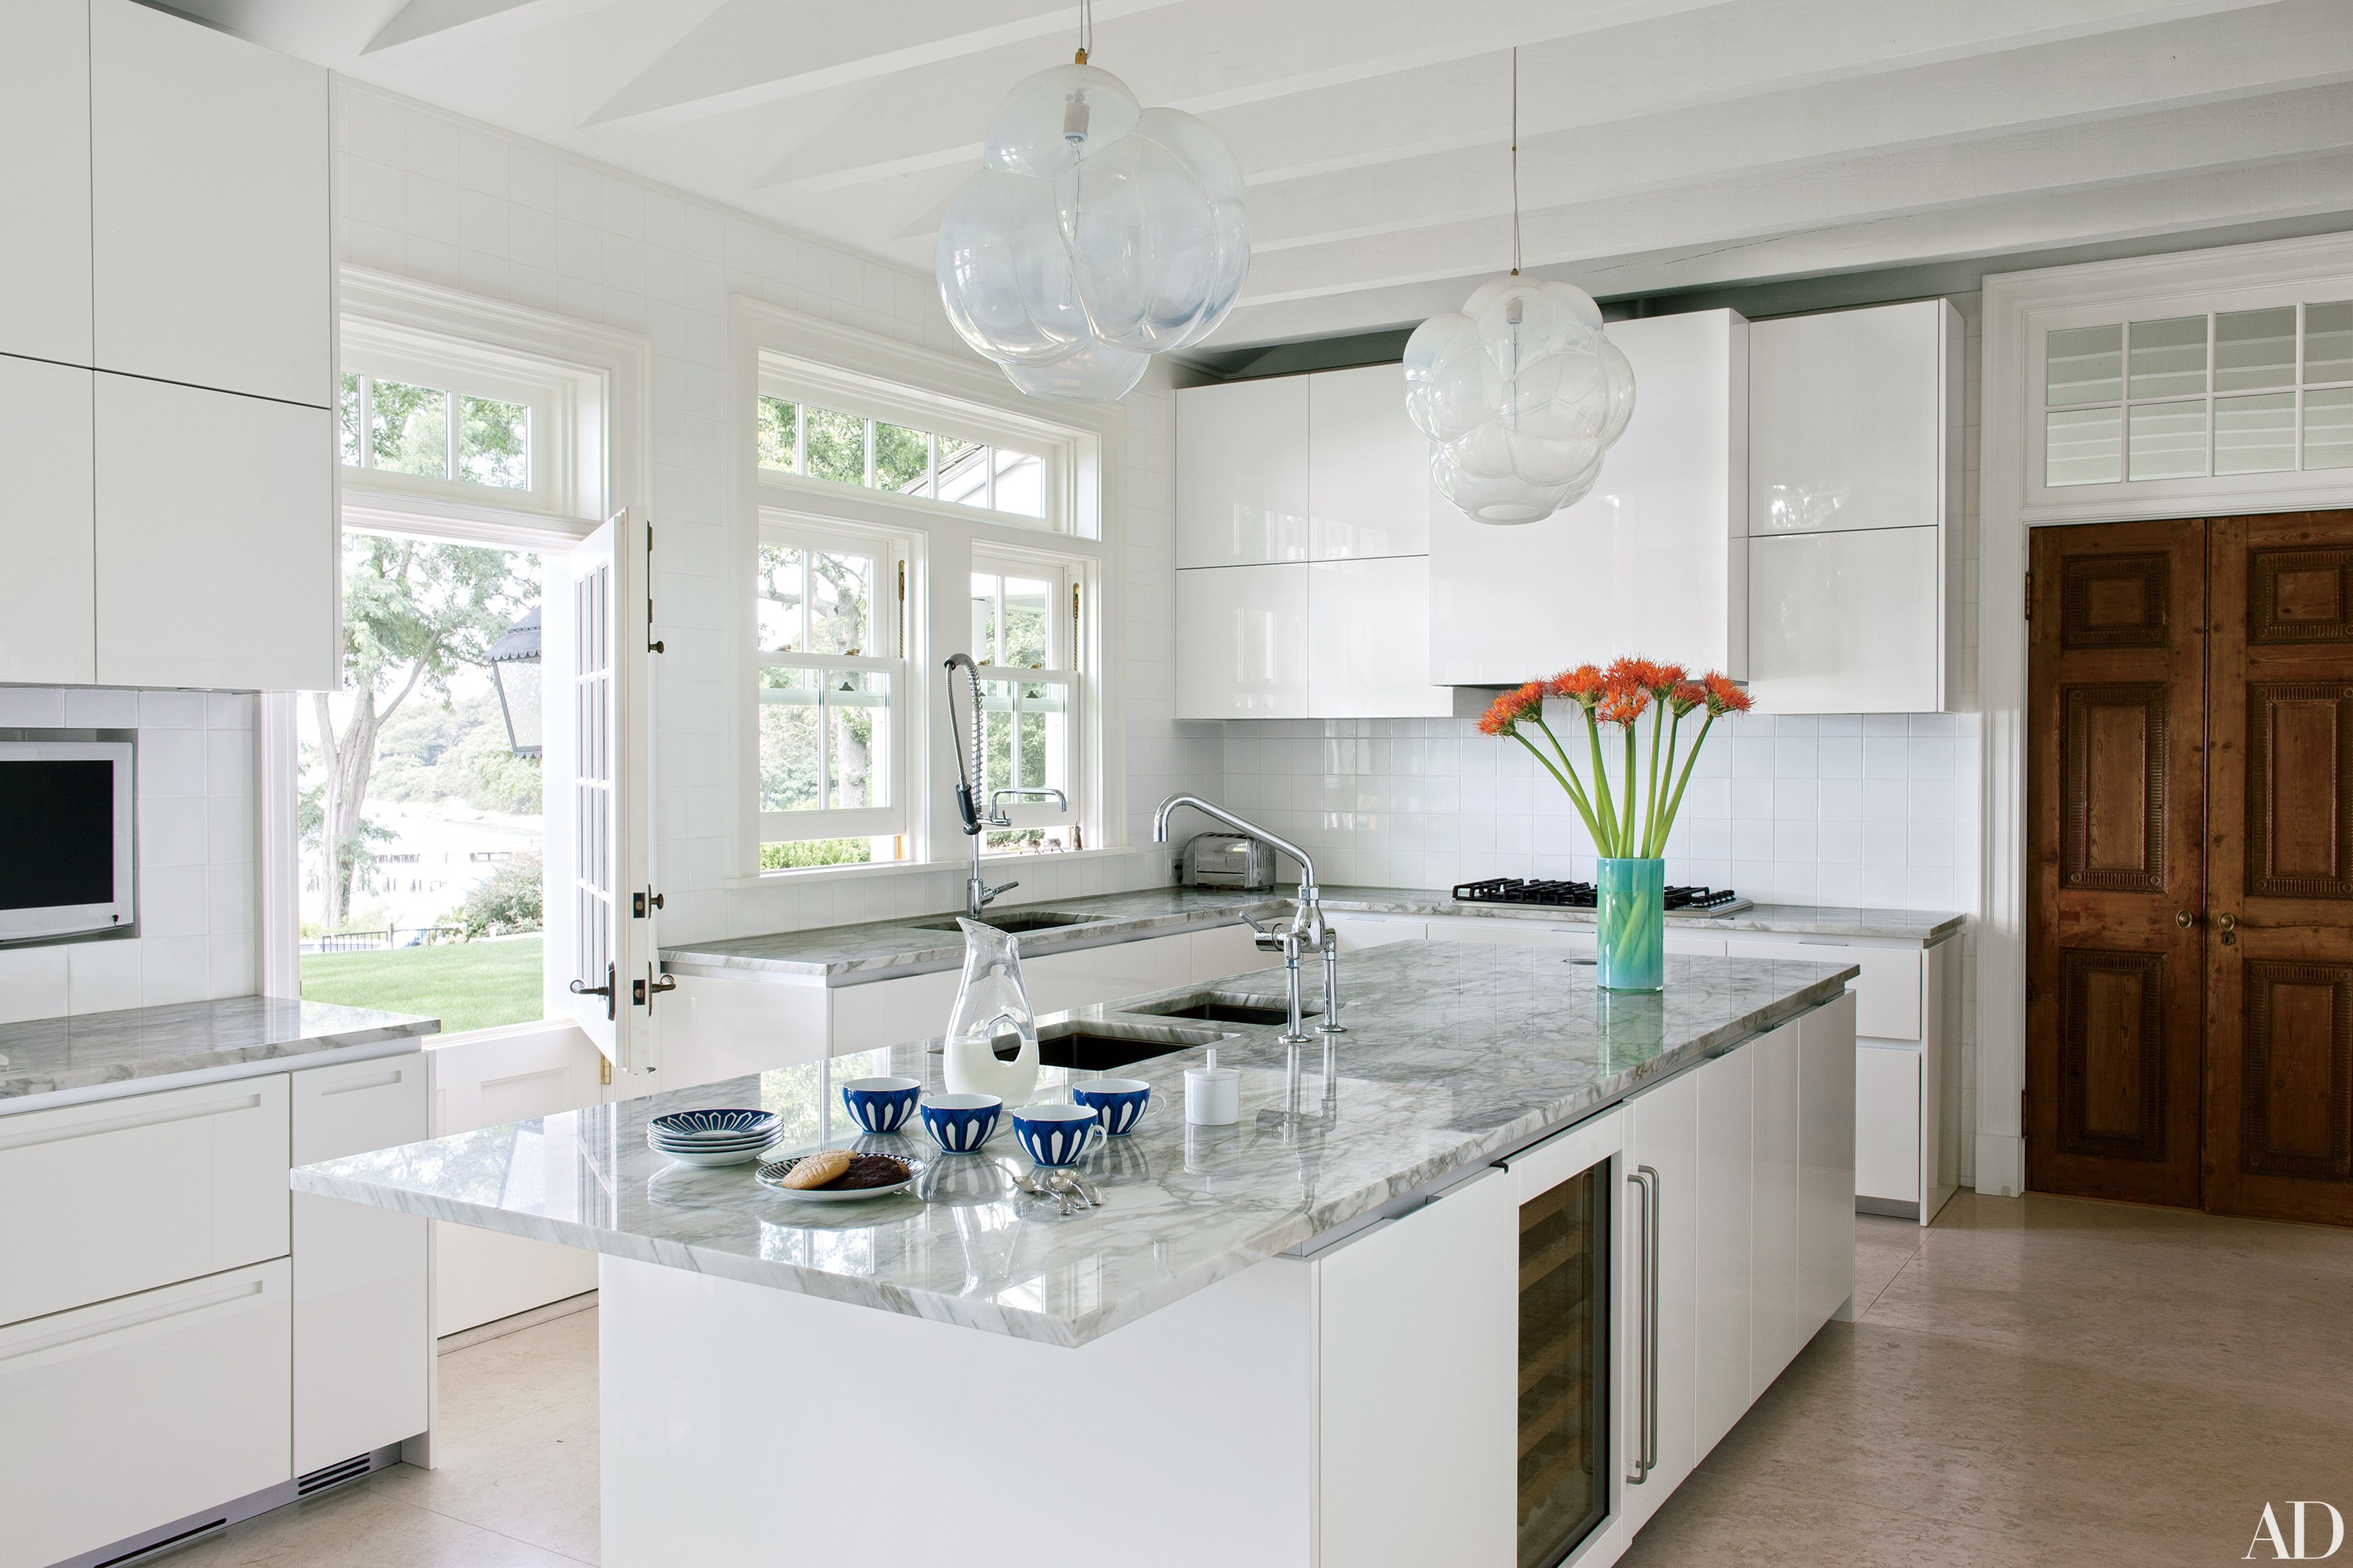 cozinha-branca-com-luminaria-em-bolhas-architectural-digest-roger-davis